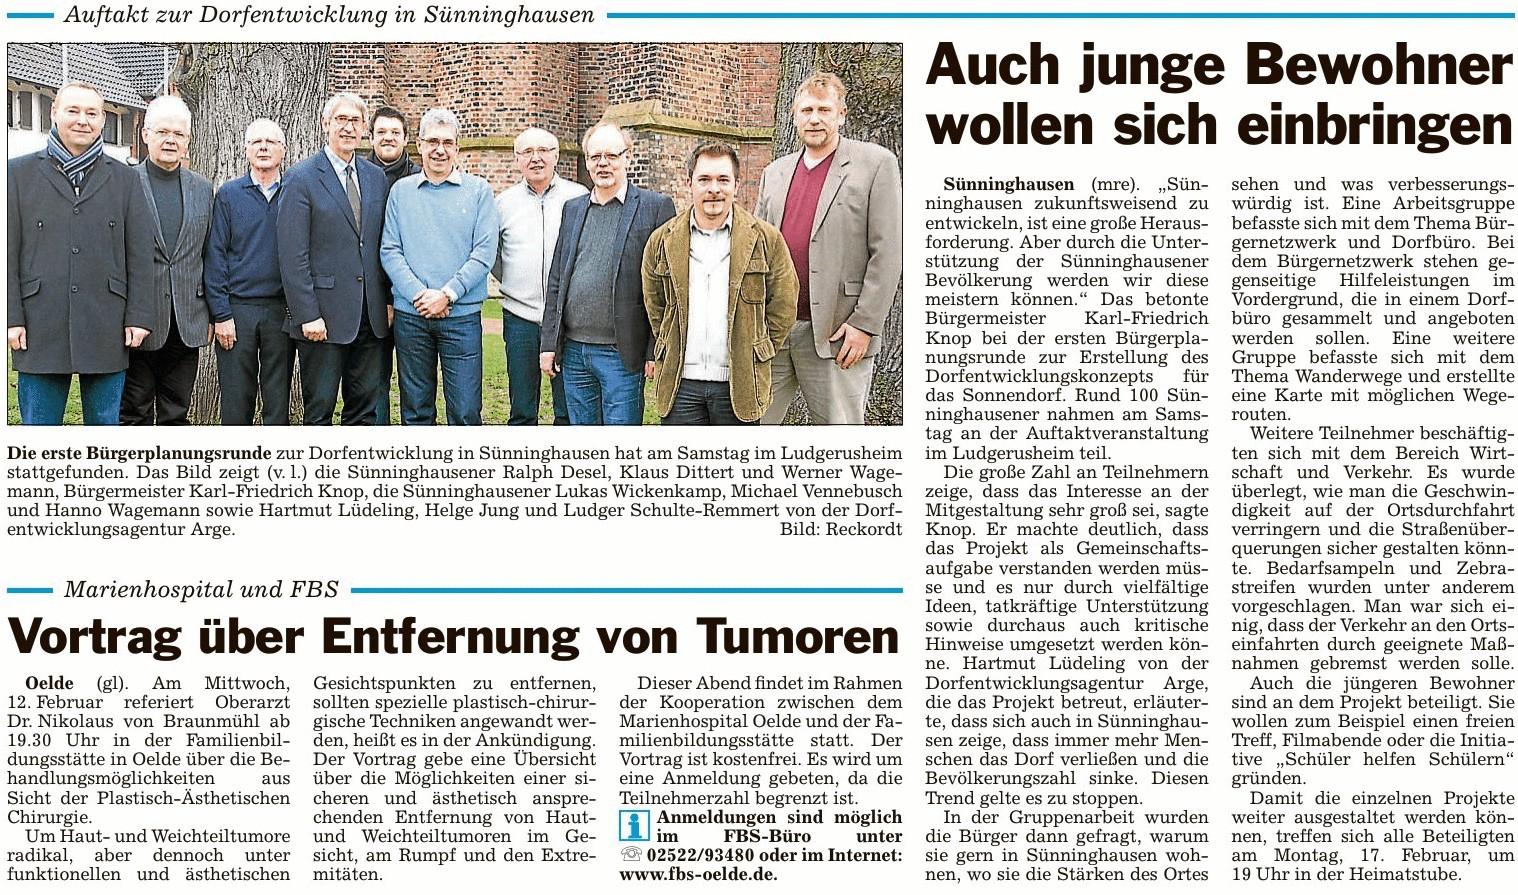 Dorfentwicklungskonzept Sünninghausen